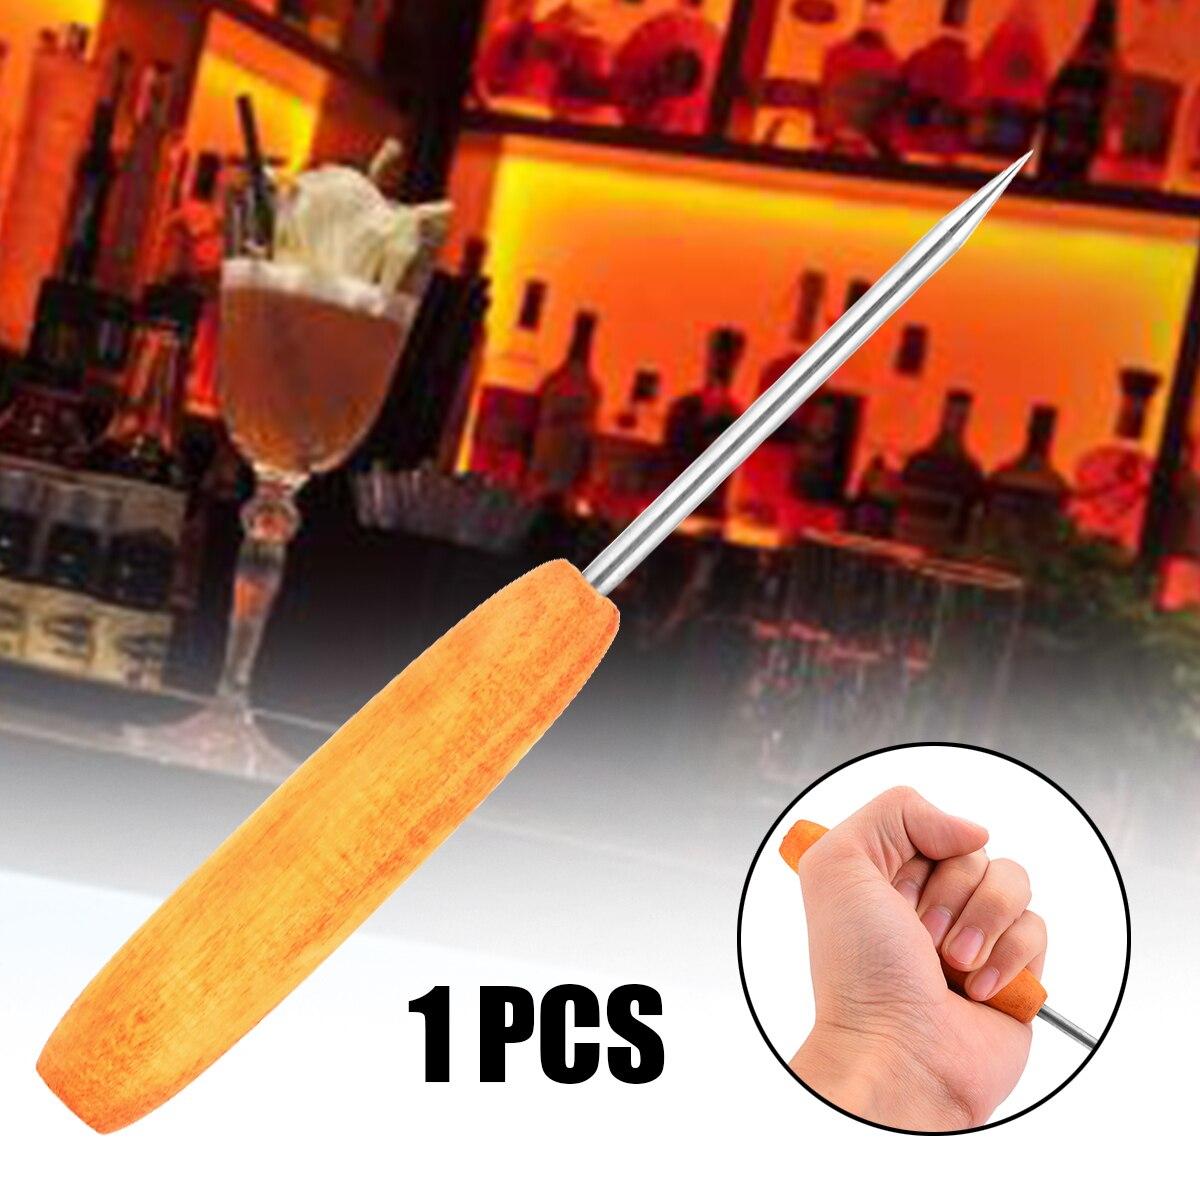 1 St Rvs Ice Pick Punch Crusher Met Houten Handvat Bar Beitel Voor Party Home Keuken Bar Pub Tool